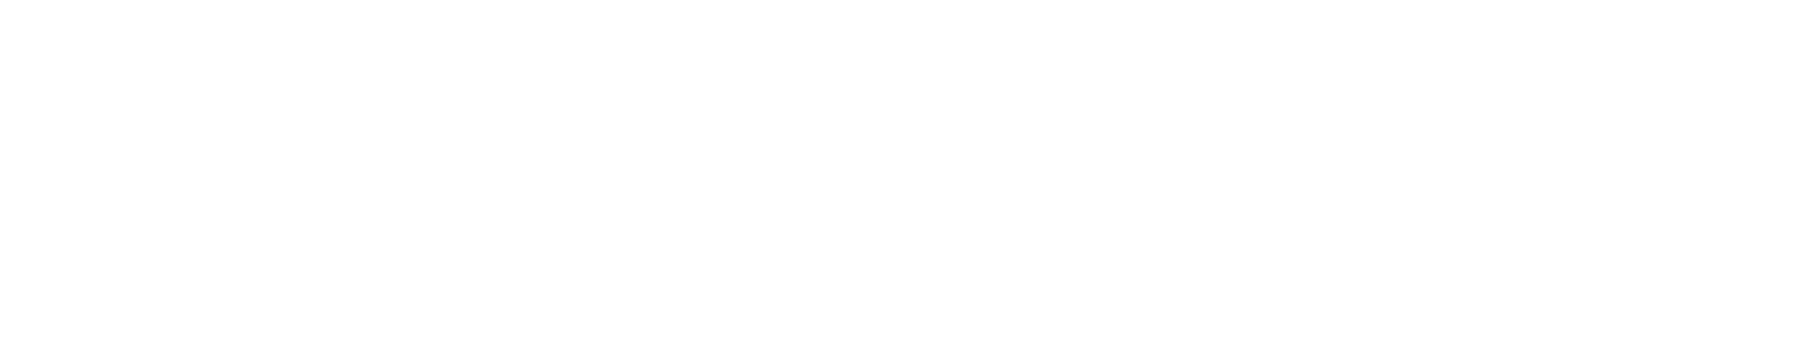 Carzato